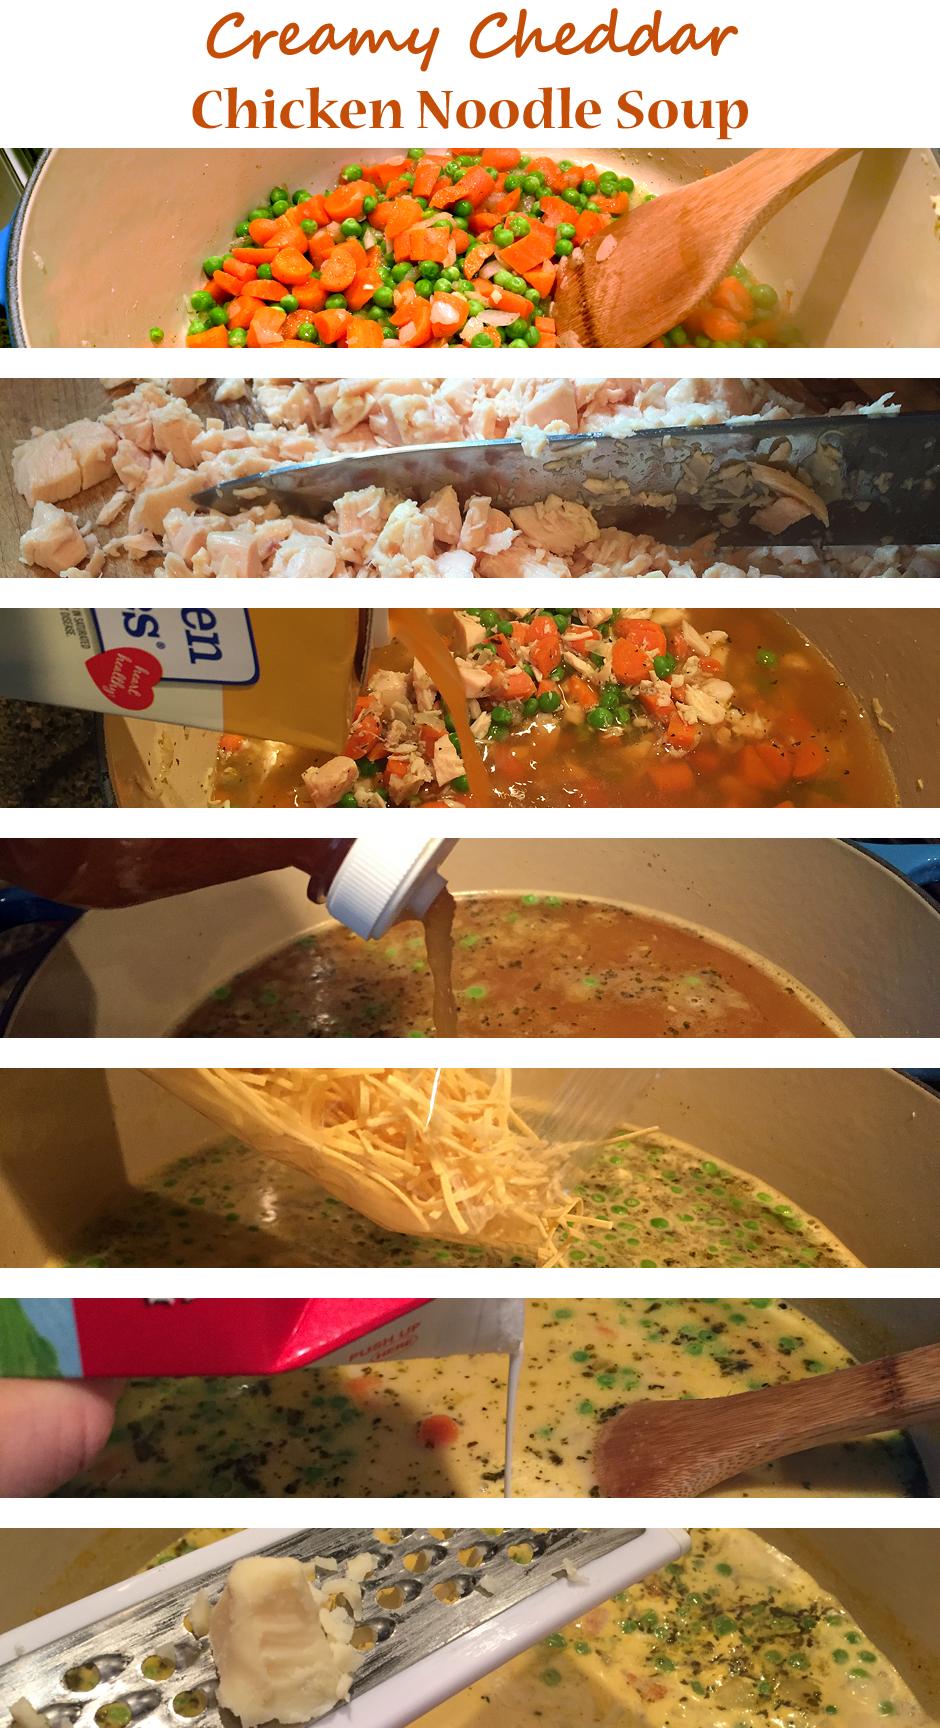 Creamy Cheddar Chicken Noodle Soup